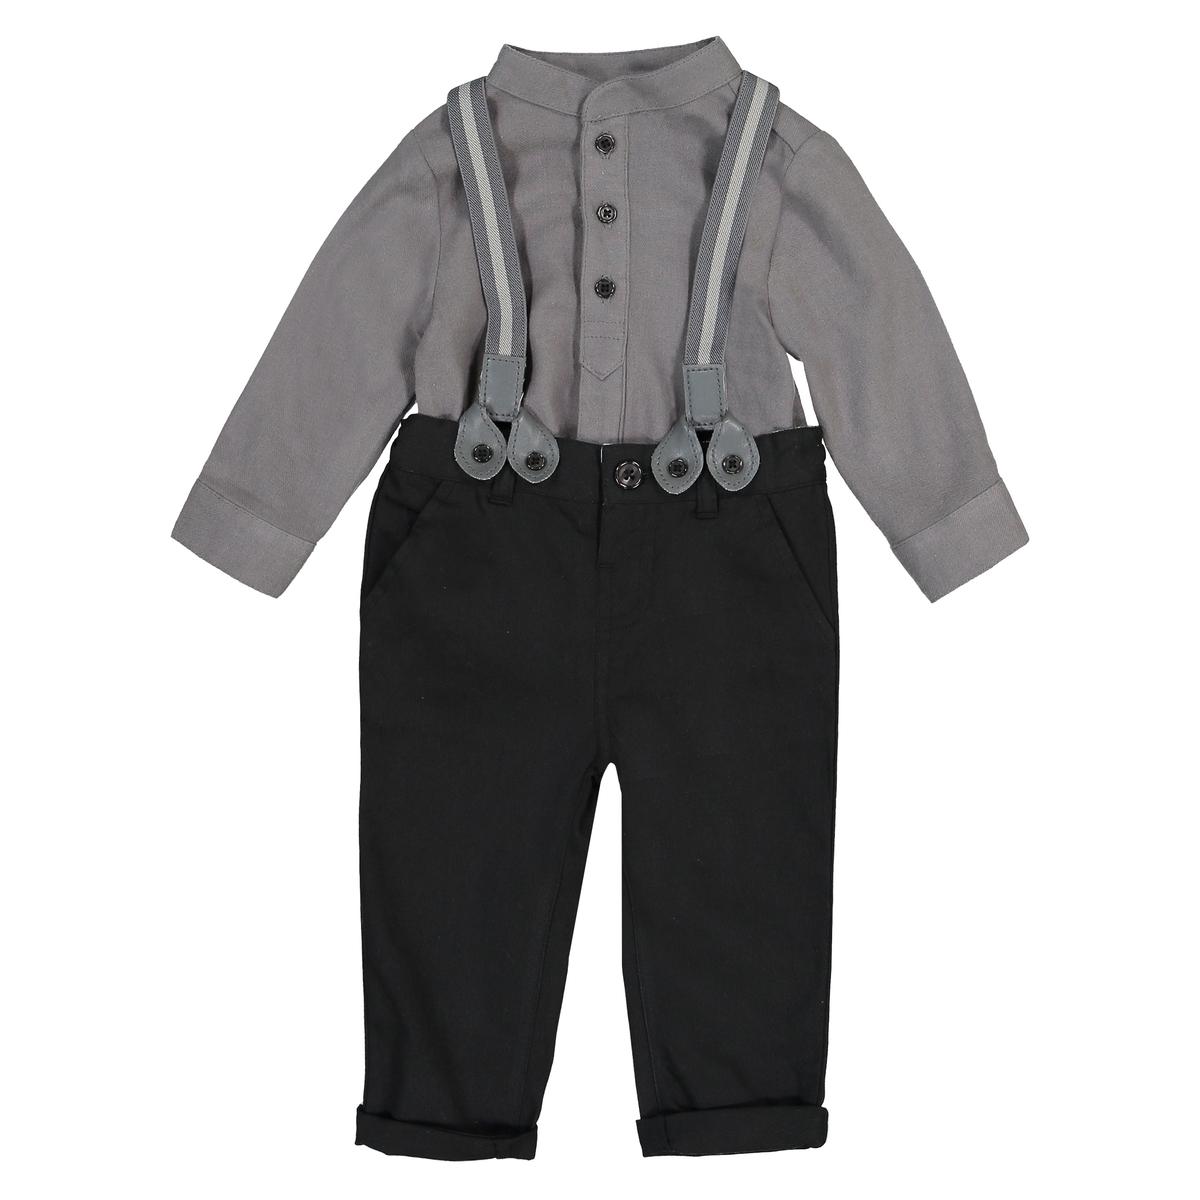 Комплект праздничный из брюк и рубашки 3 мес - 3 лет блузки и рубашки